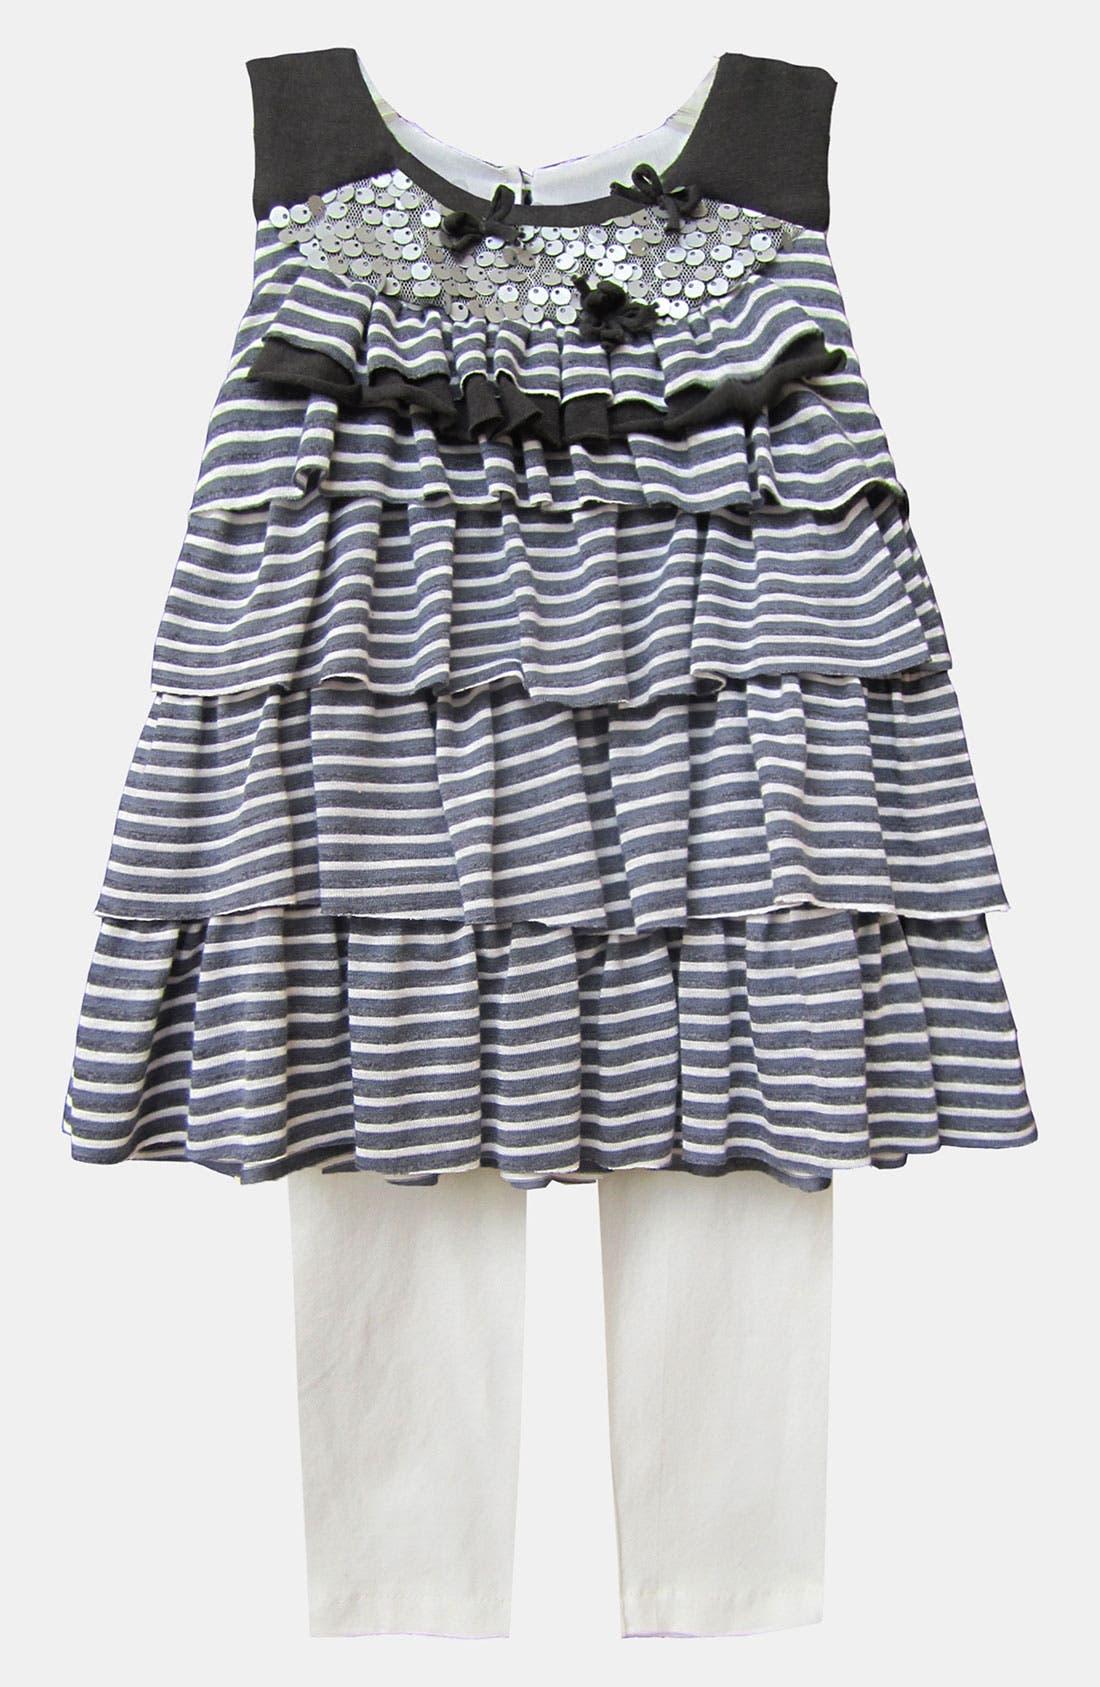 Alternate Image 1 Selected - Isobella & Chloe 'Carmen' Dress & Leggings (Toddler)